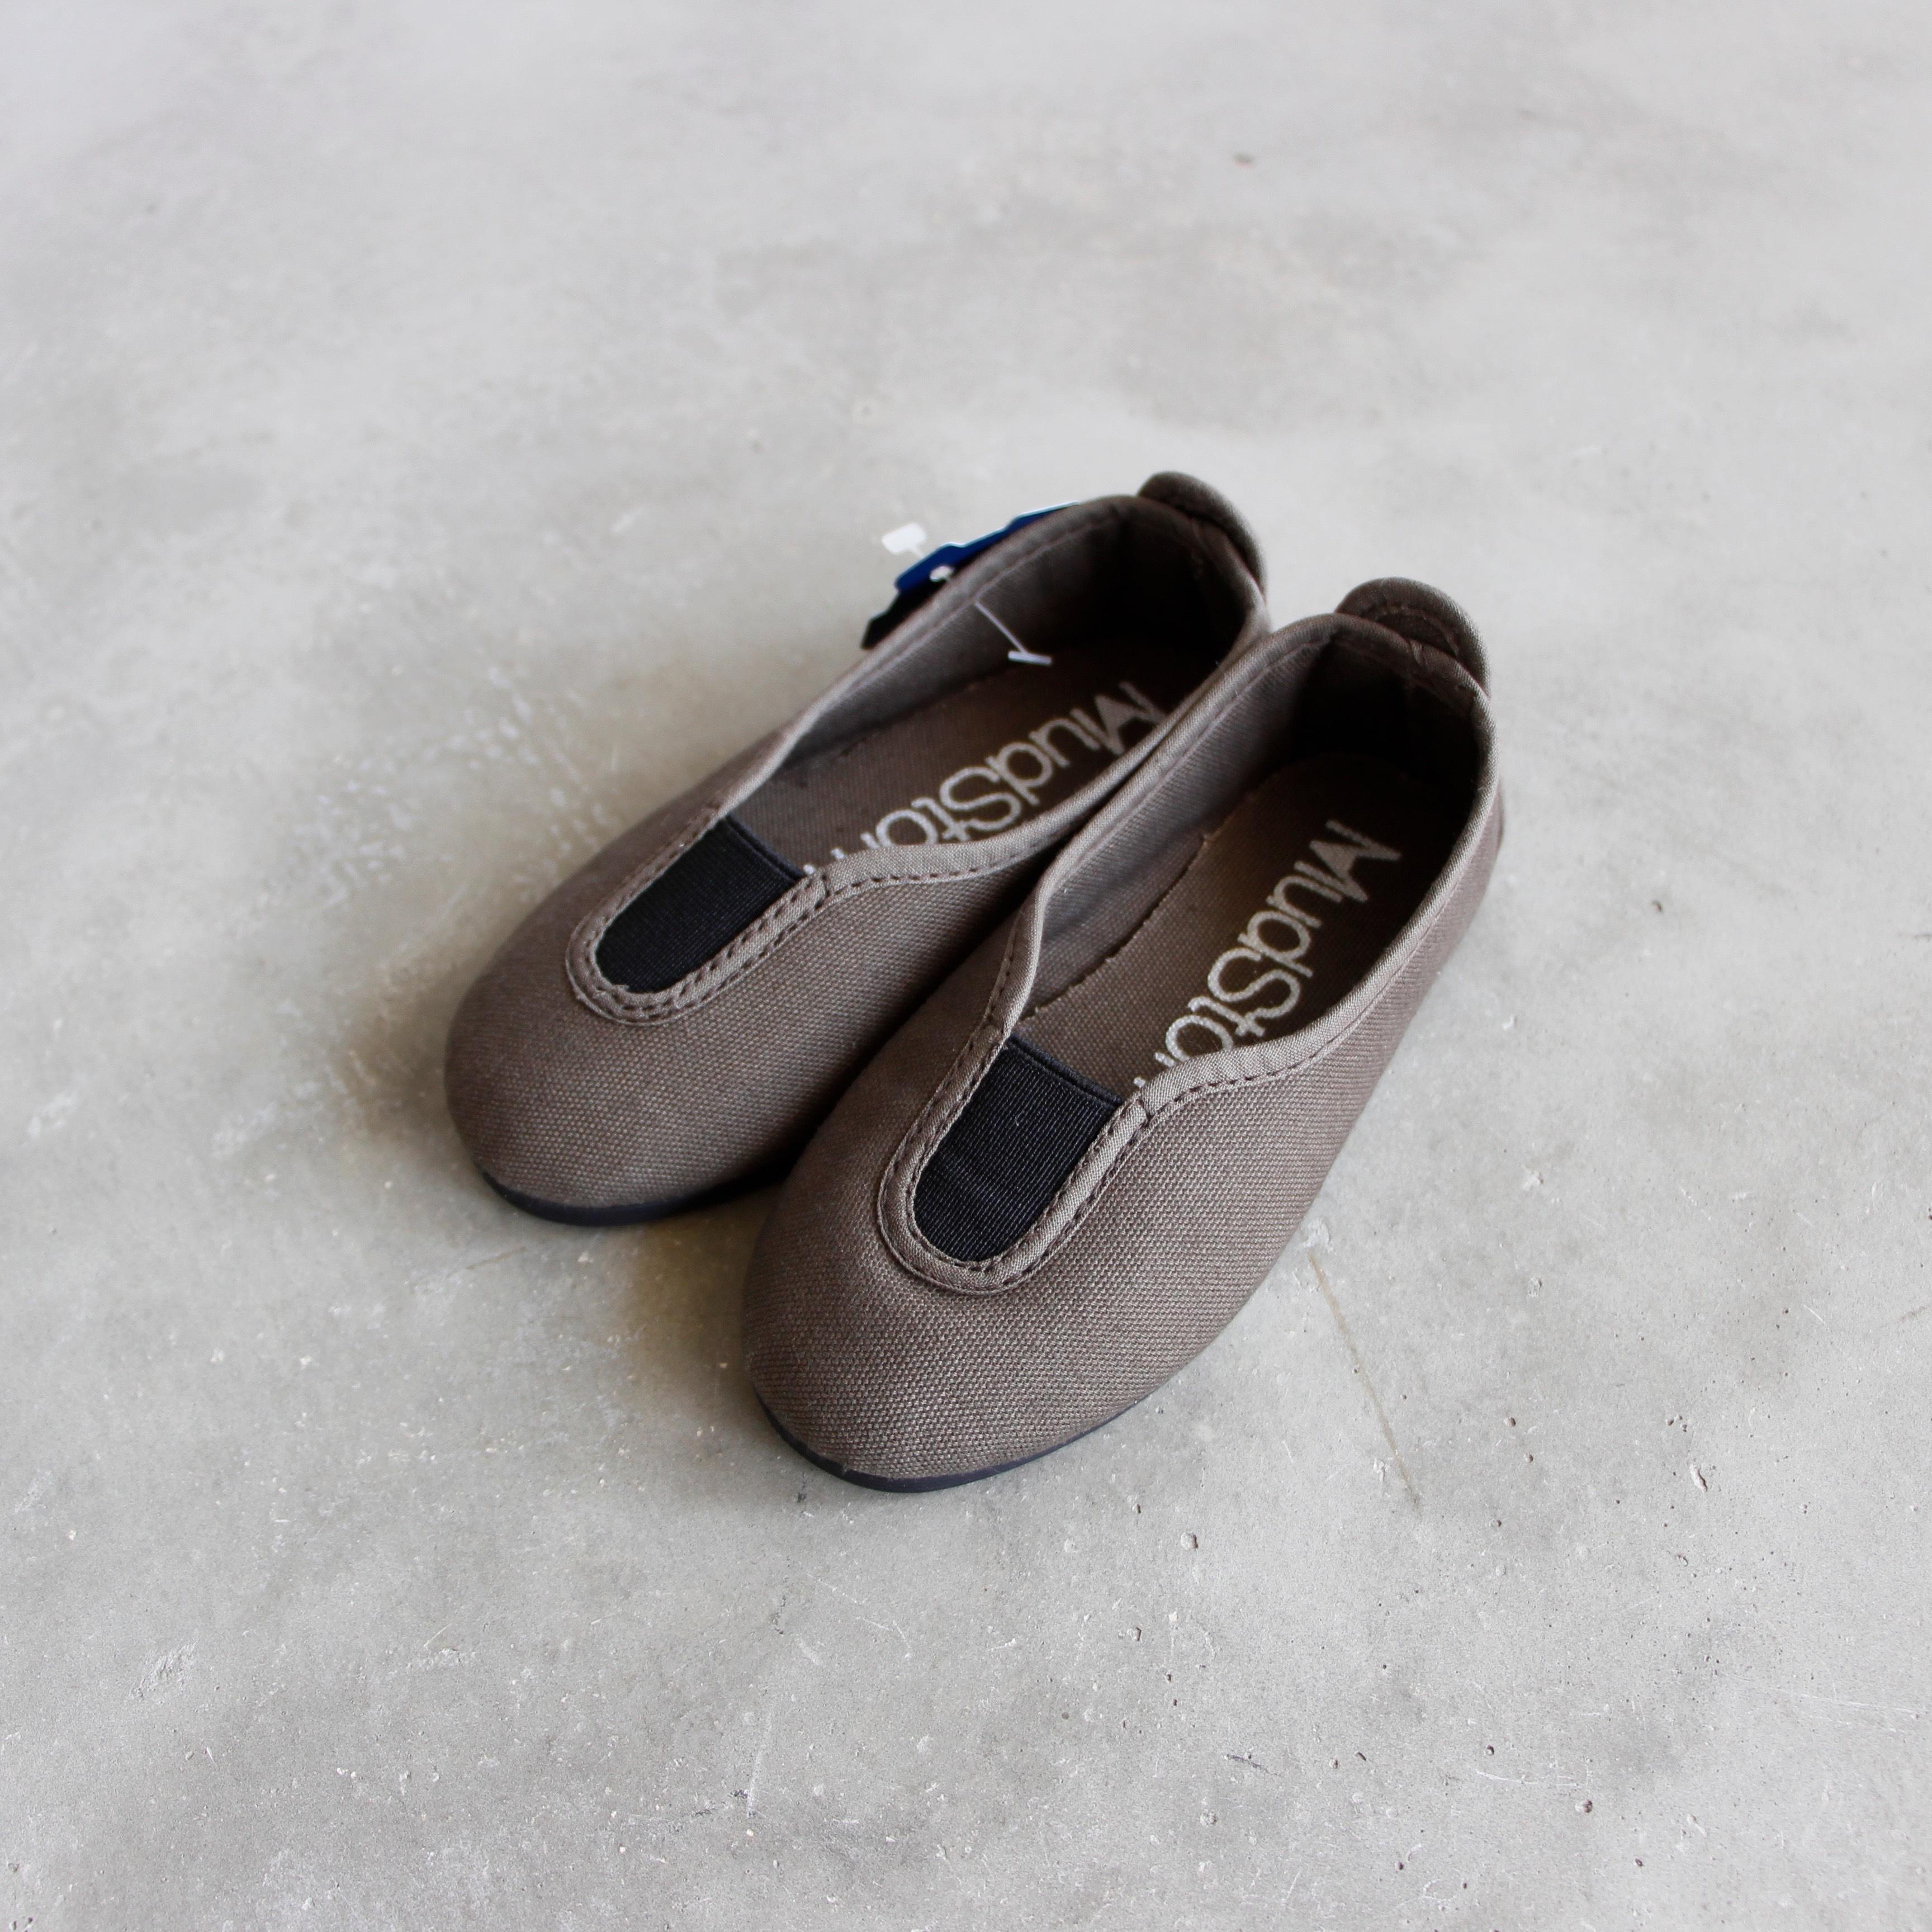 《LA CADENA》Mudstompers slip on / olive(olive × black) / 19.5-21.5cm